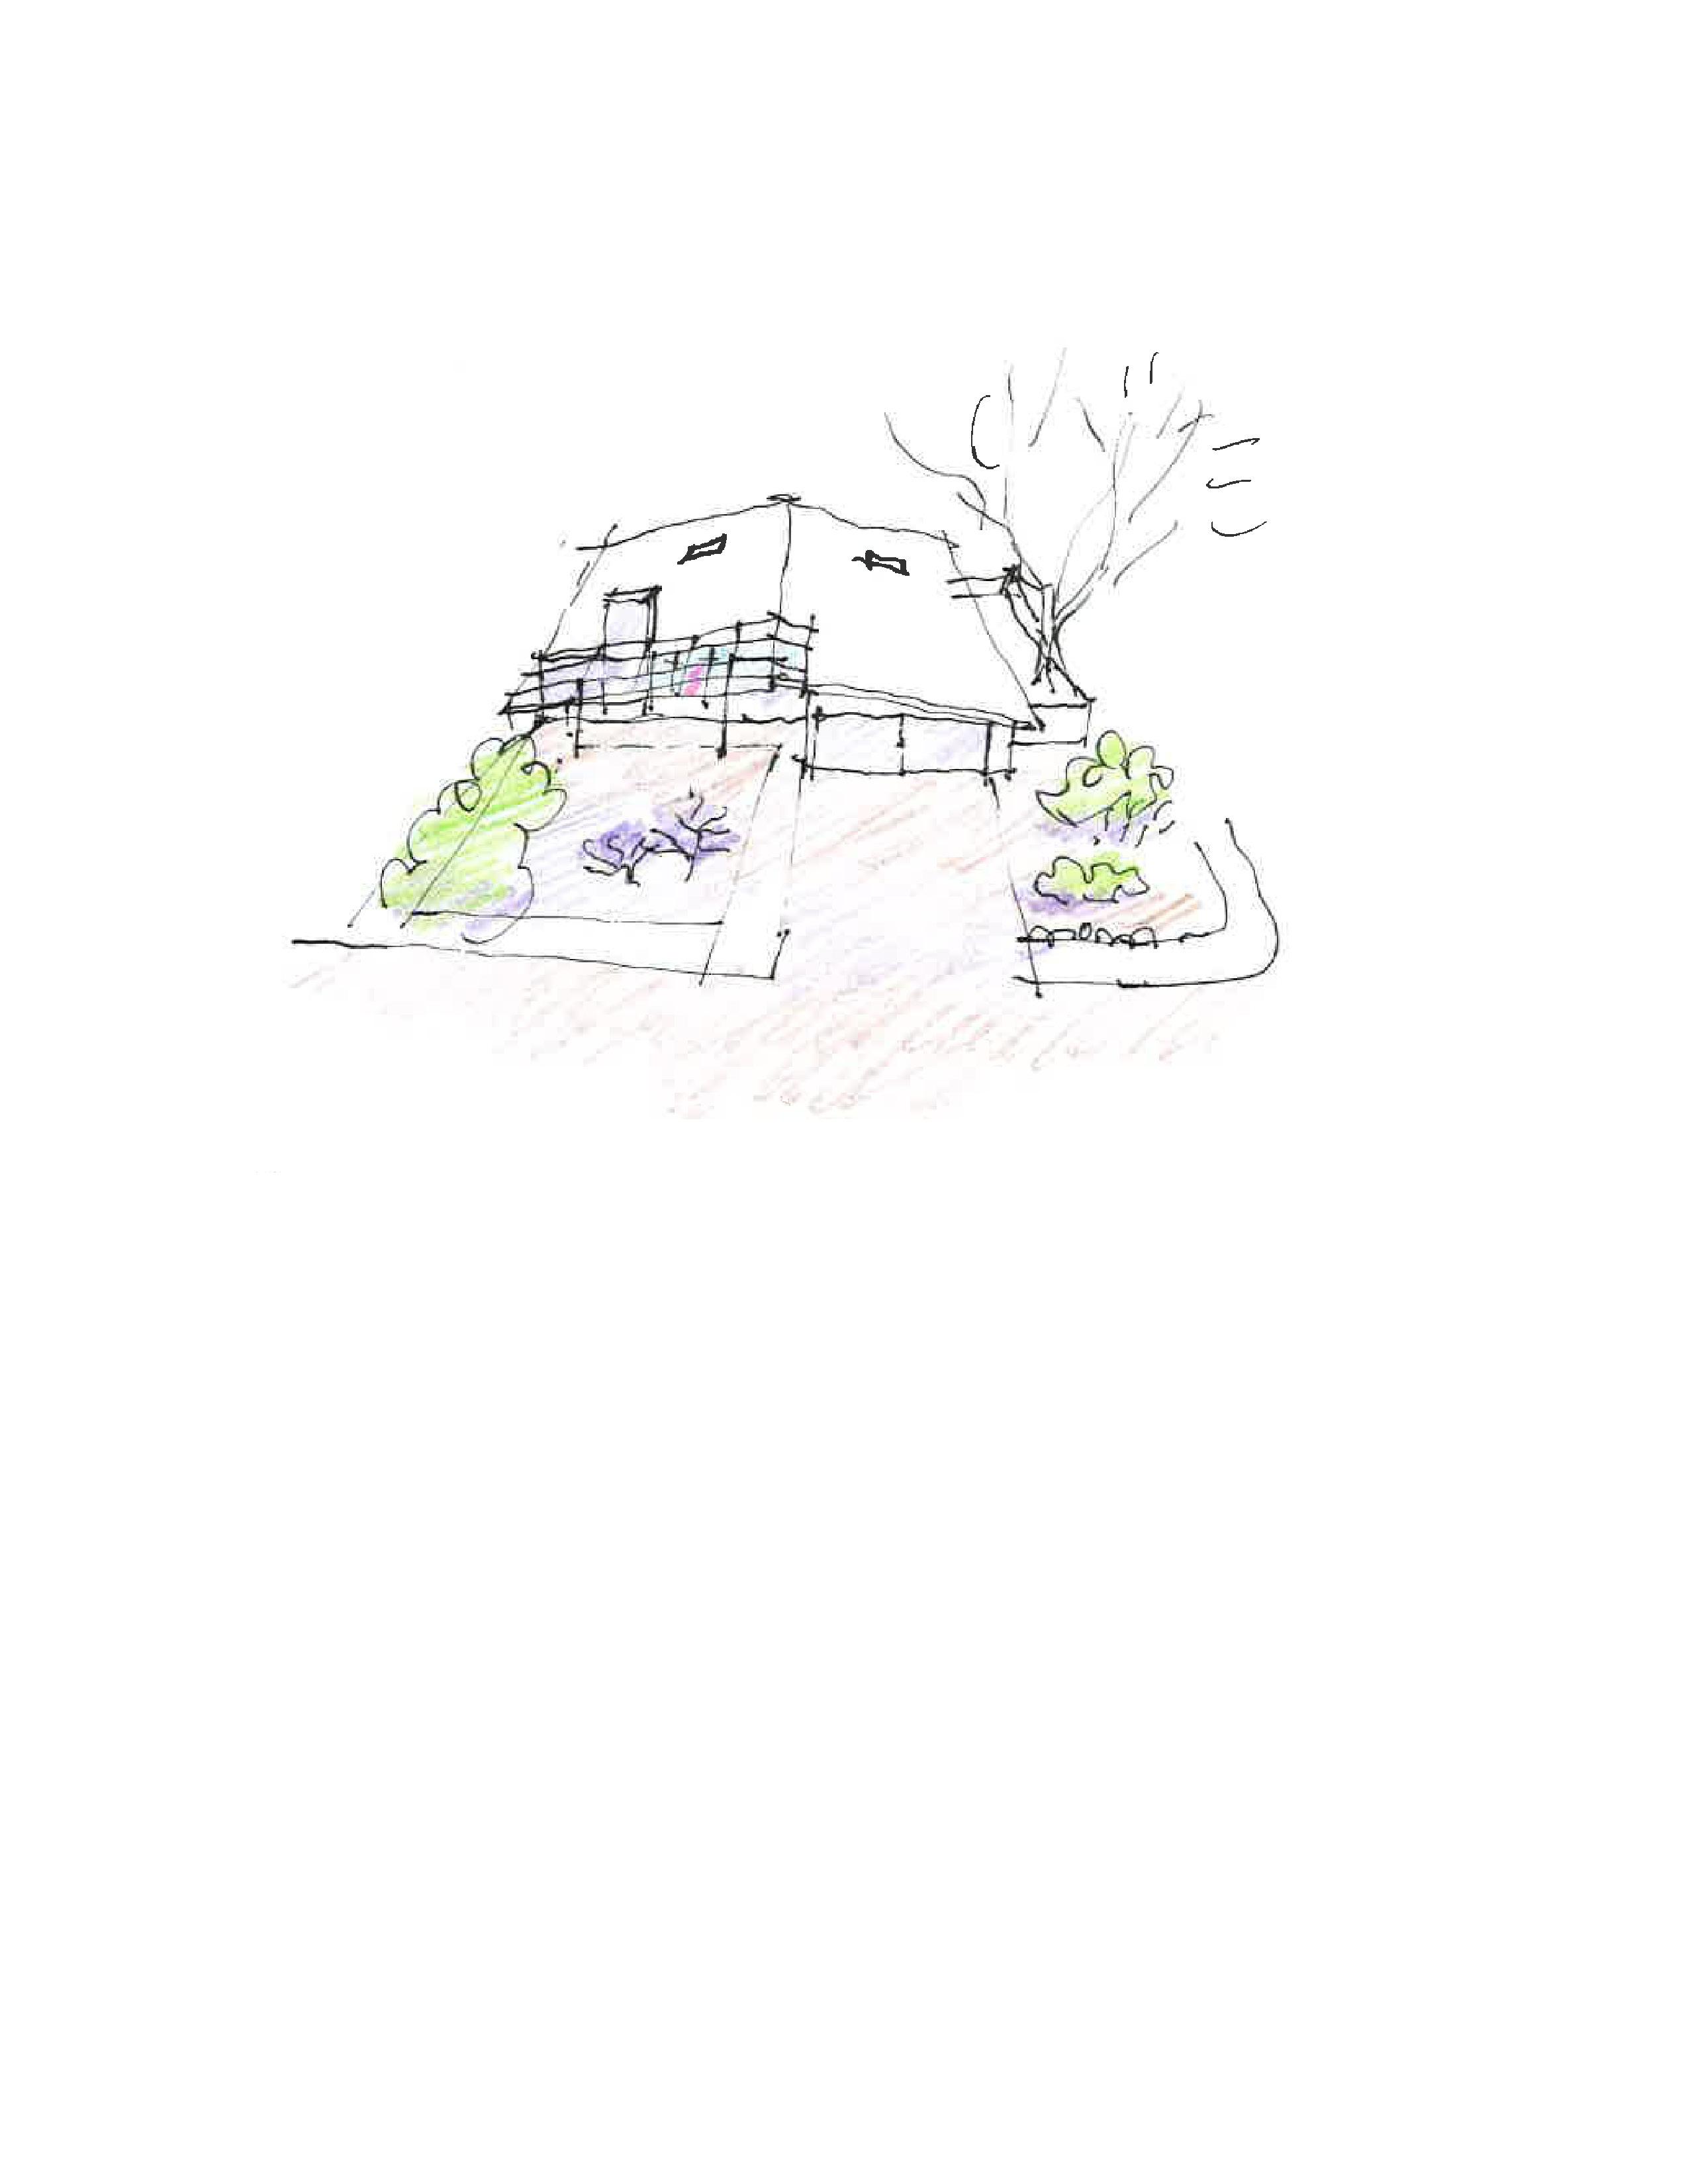 franks-sketch_image1-3_01-02-20123